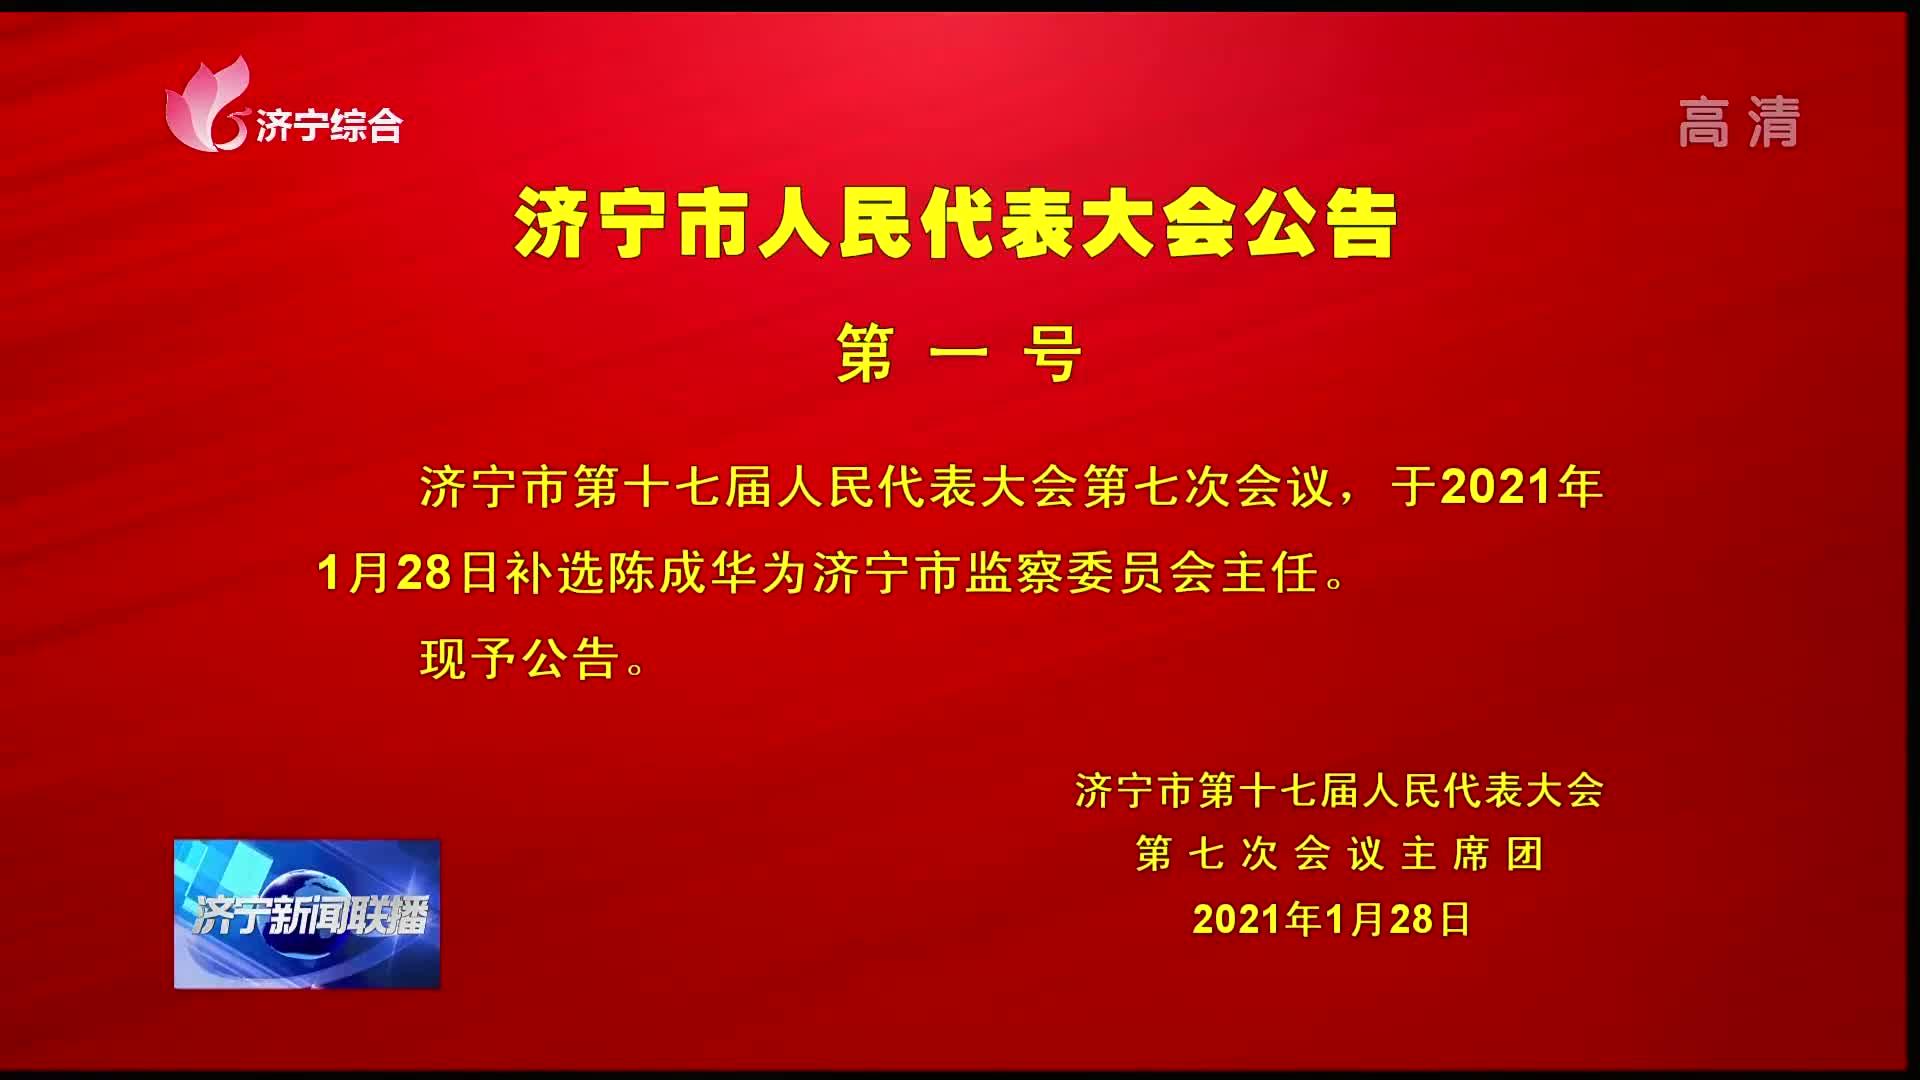 济宁市人民代表大会公告第一号